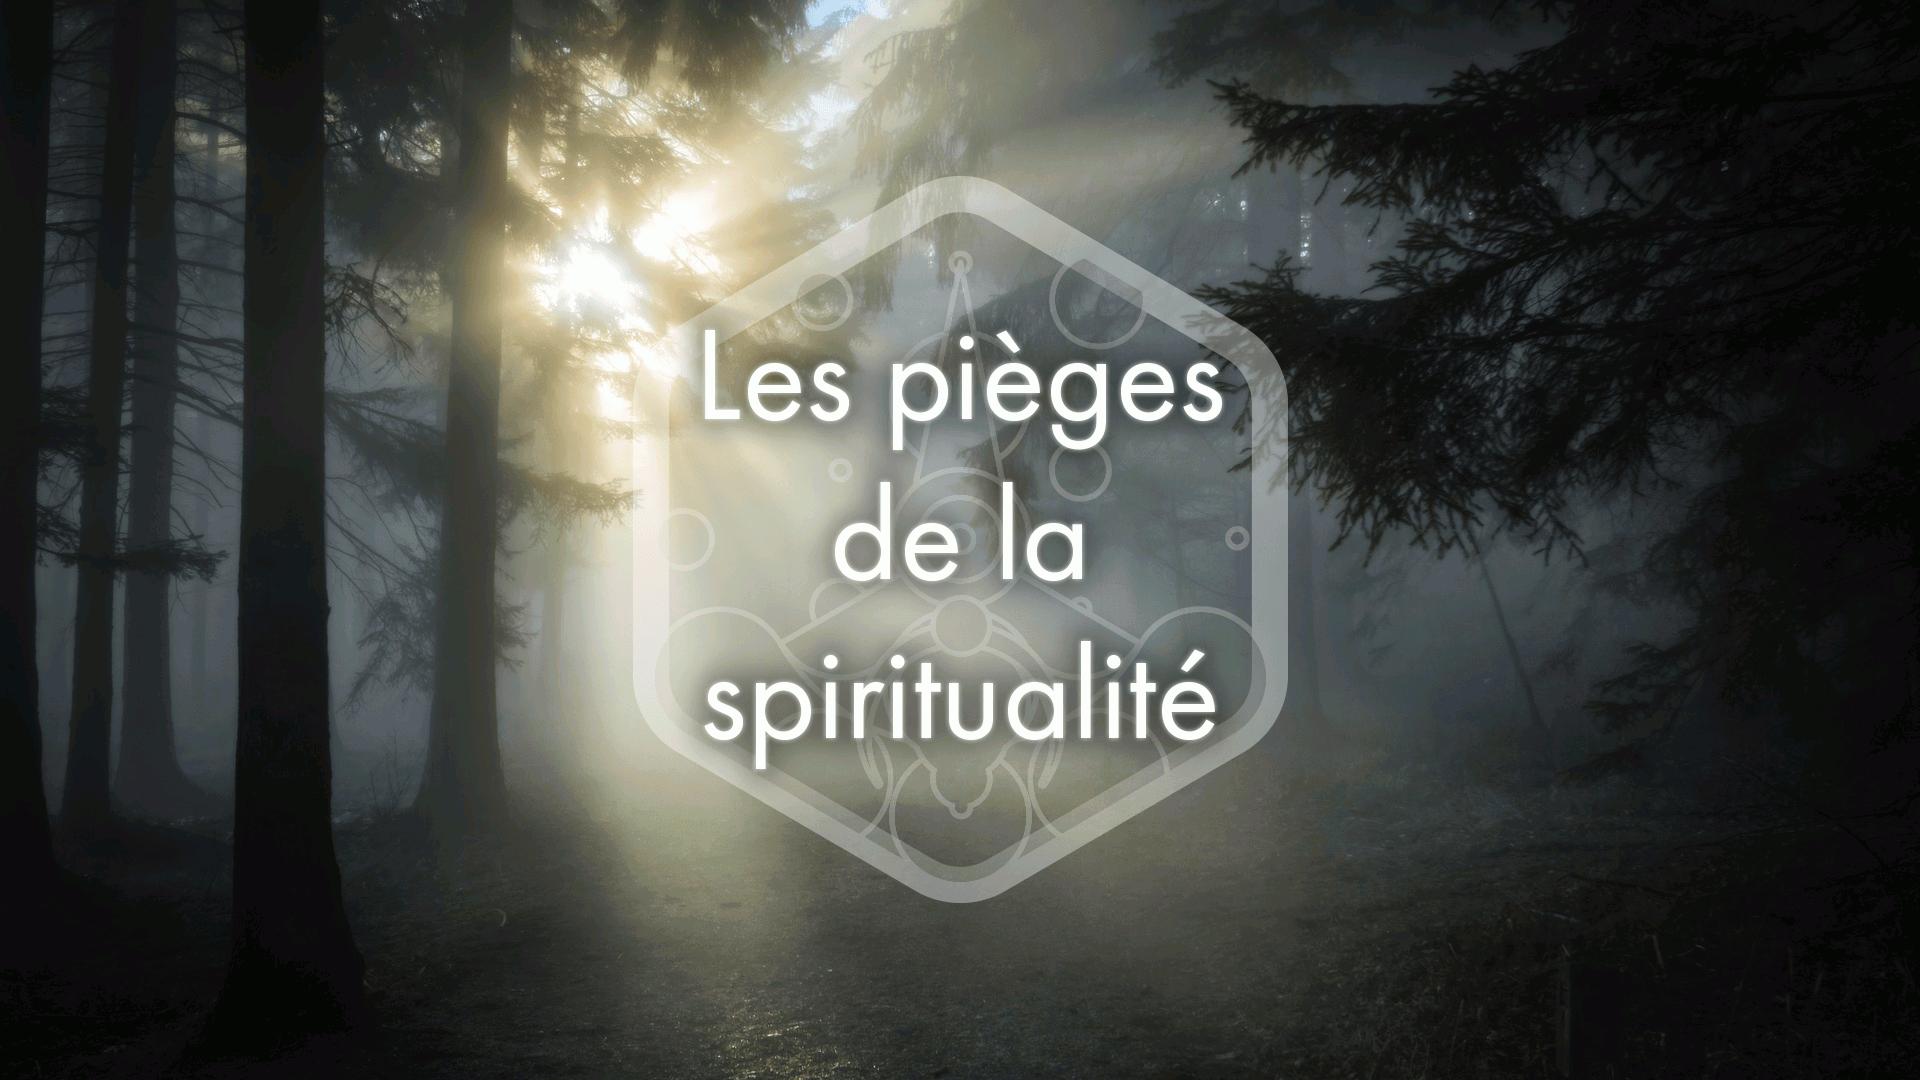 coach-wizard-les-pieges-de-la-spiritualité